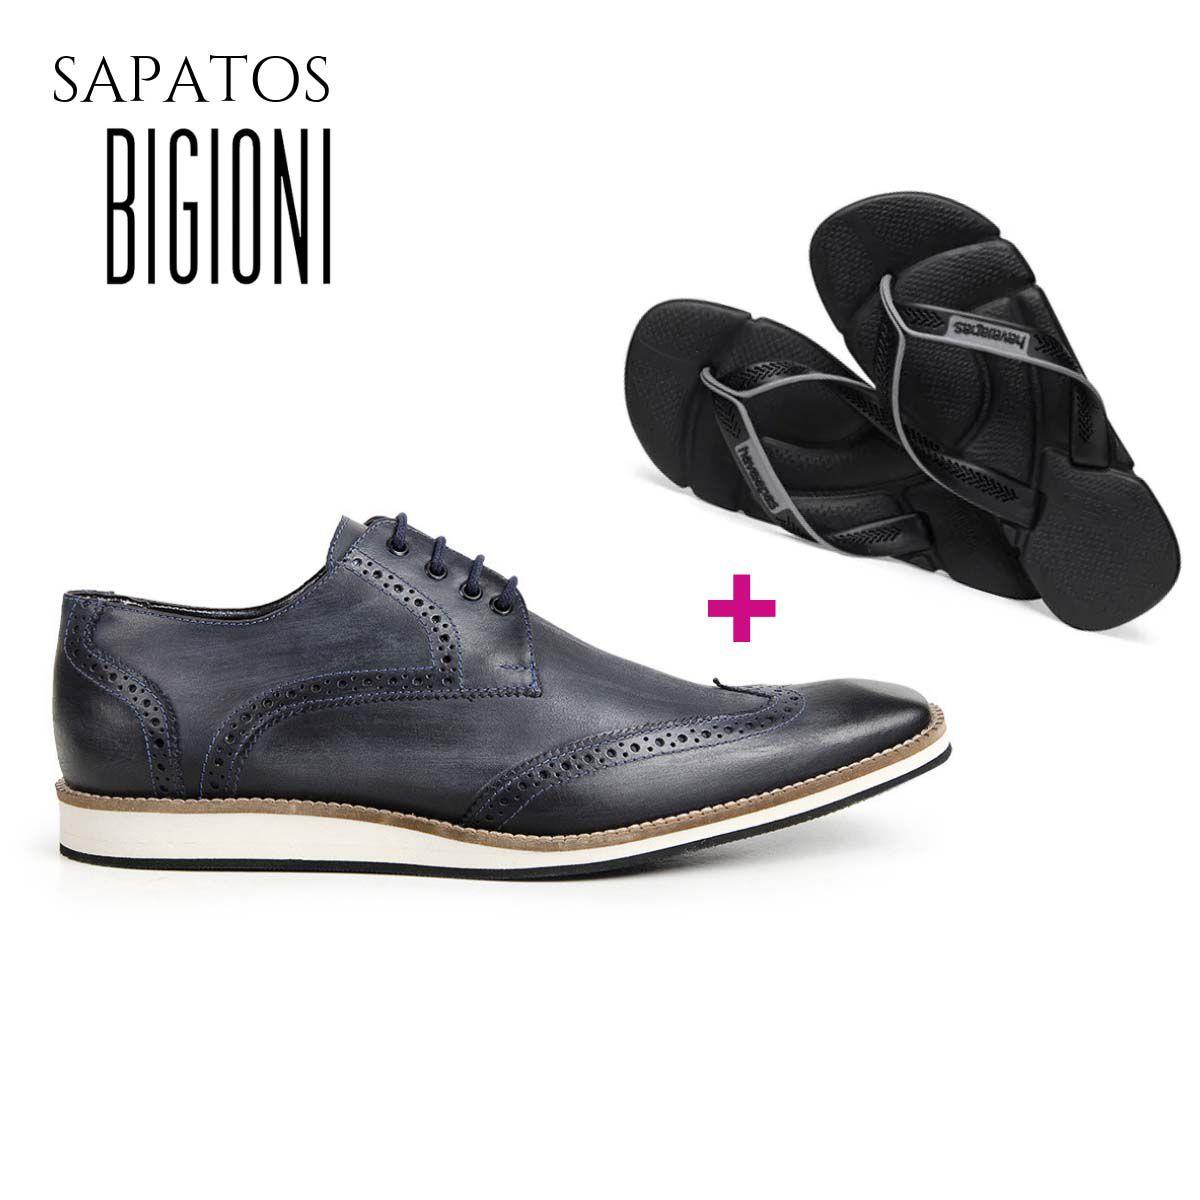 Sapato Social Oxford Bigioni Couro Estonado + Brinde Havaianas